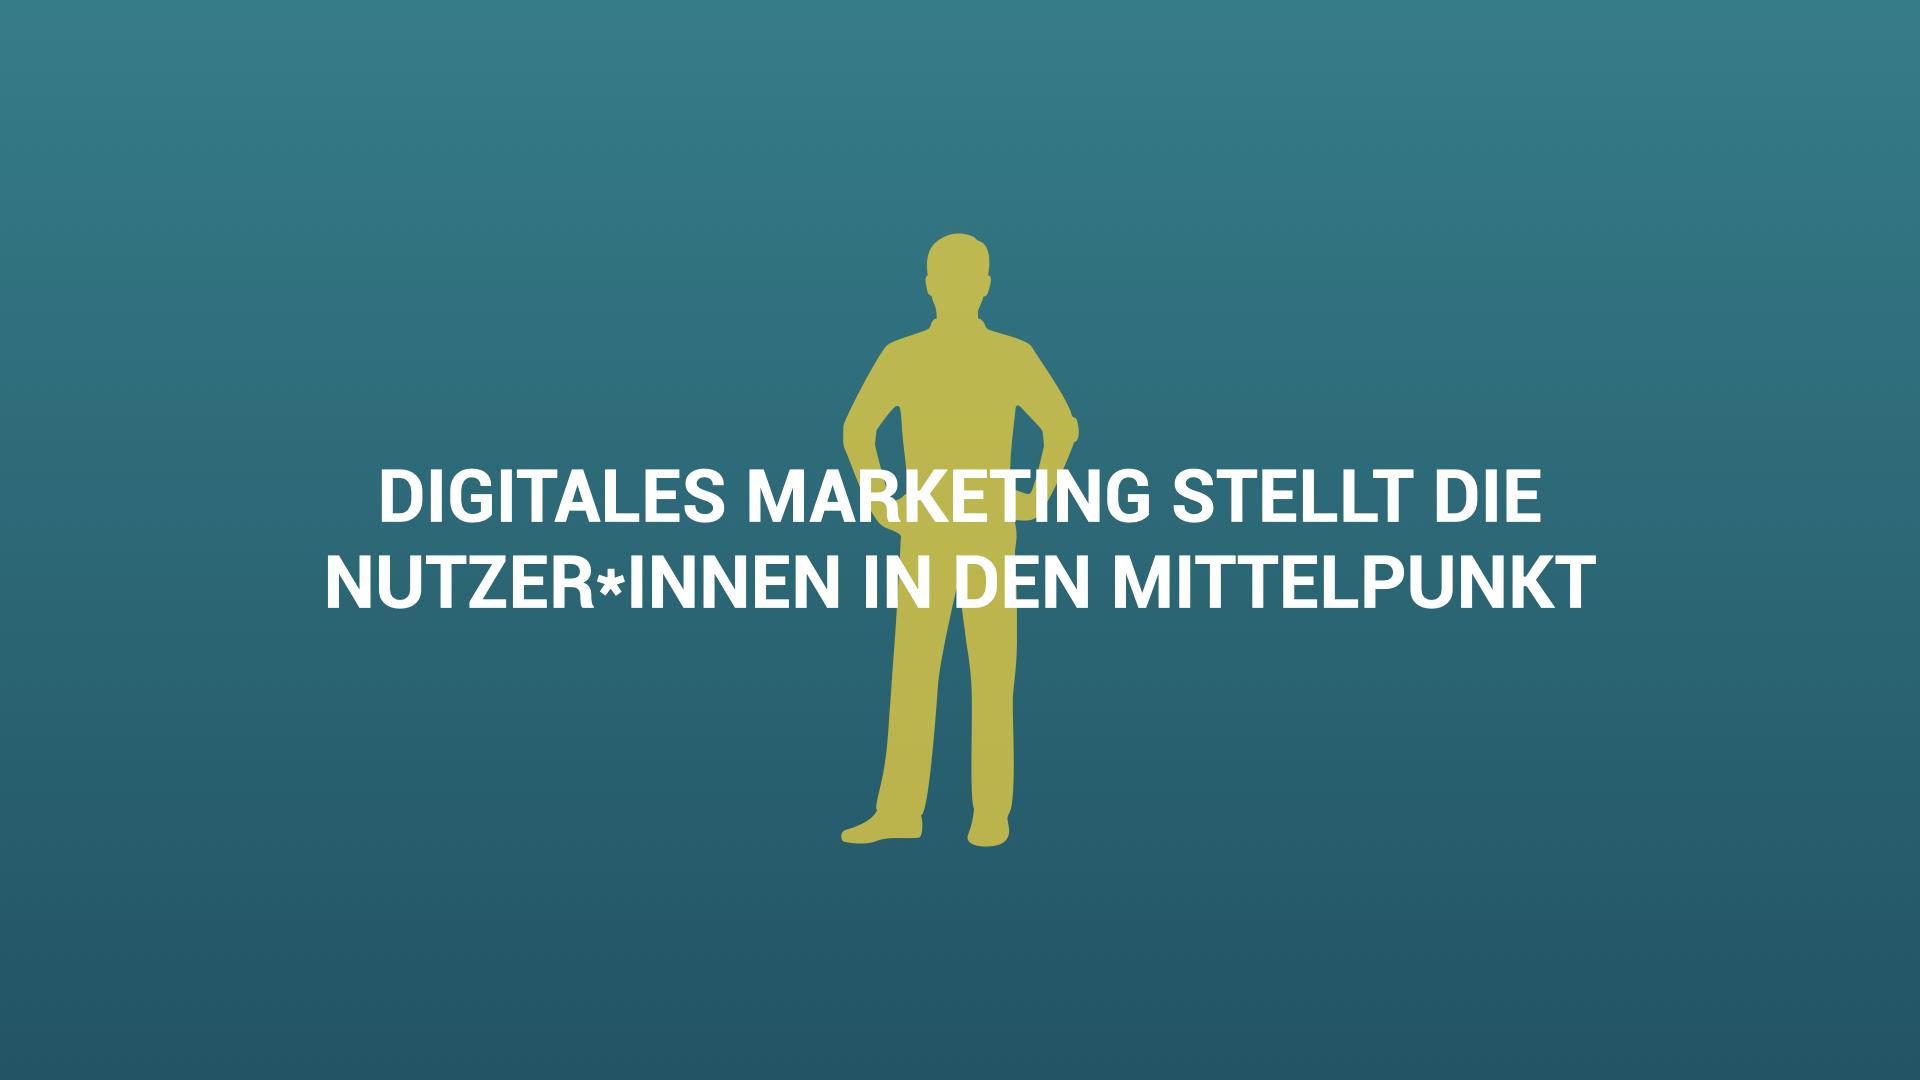 Digitales Marketing stellt die Nutzer*in in den Mittelpunkt